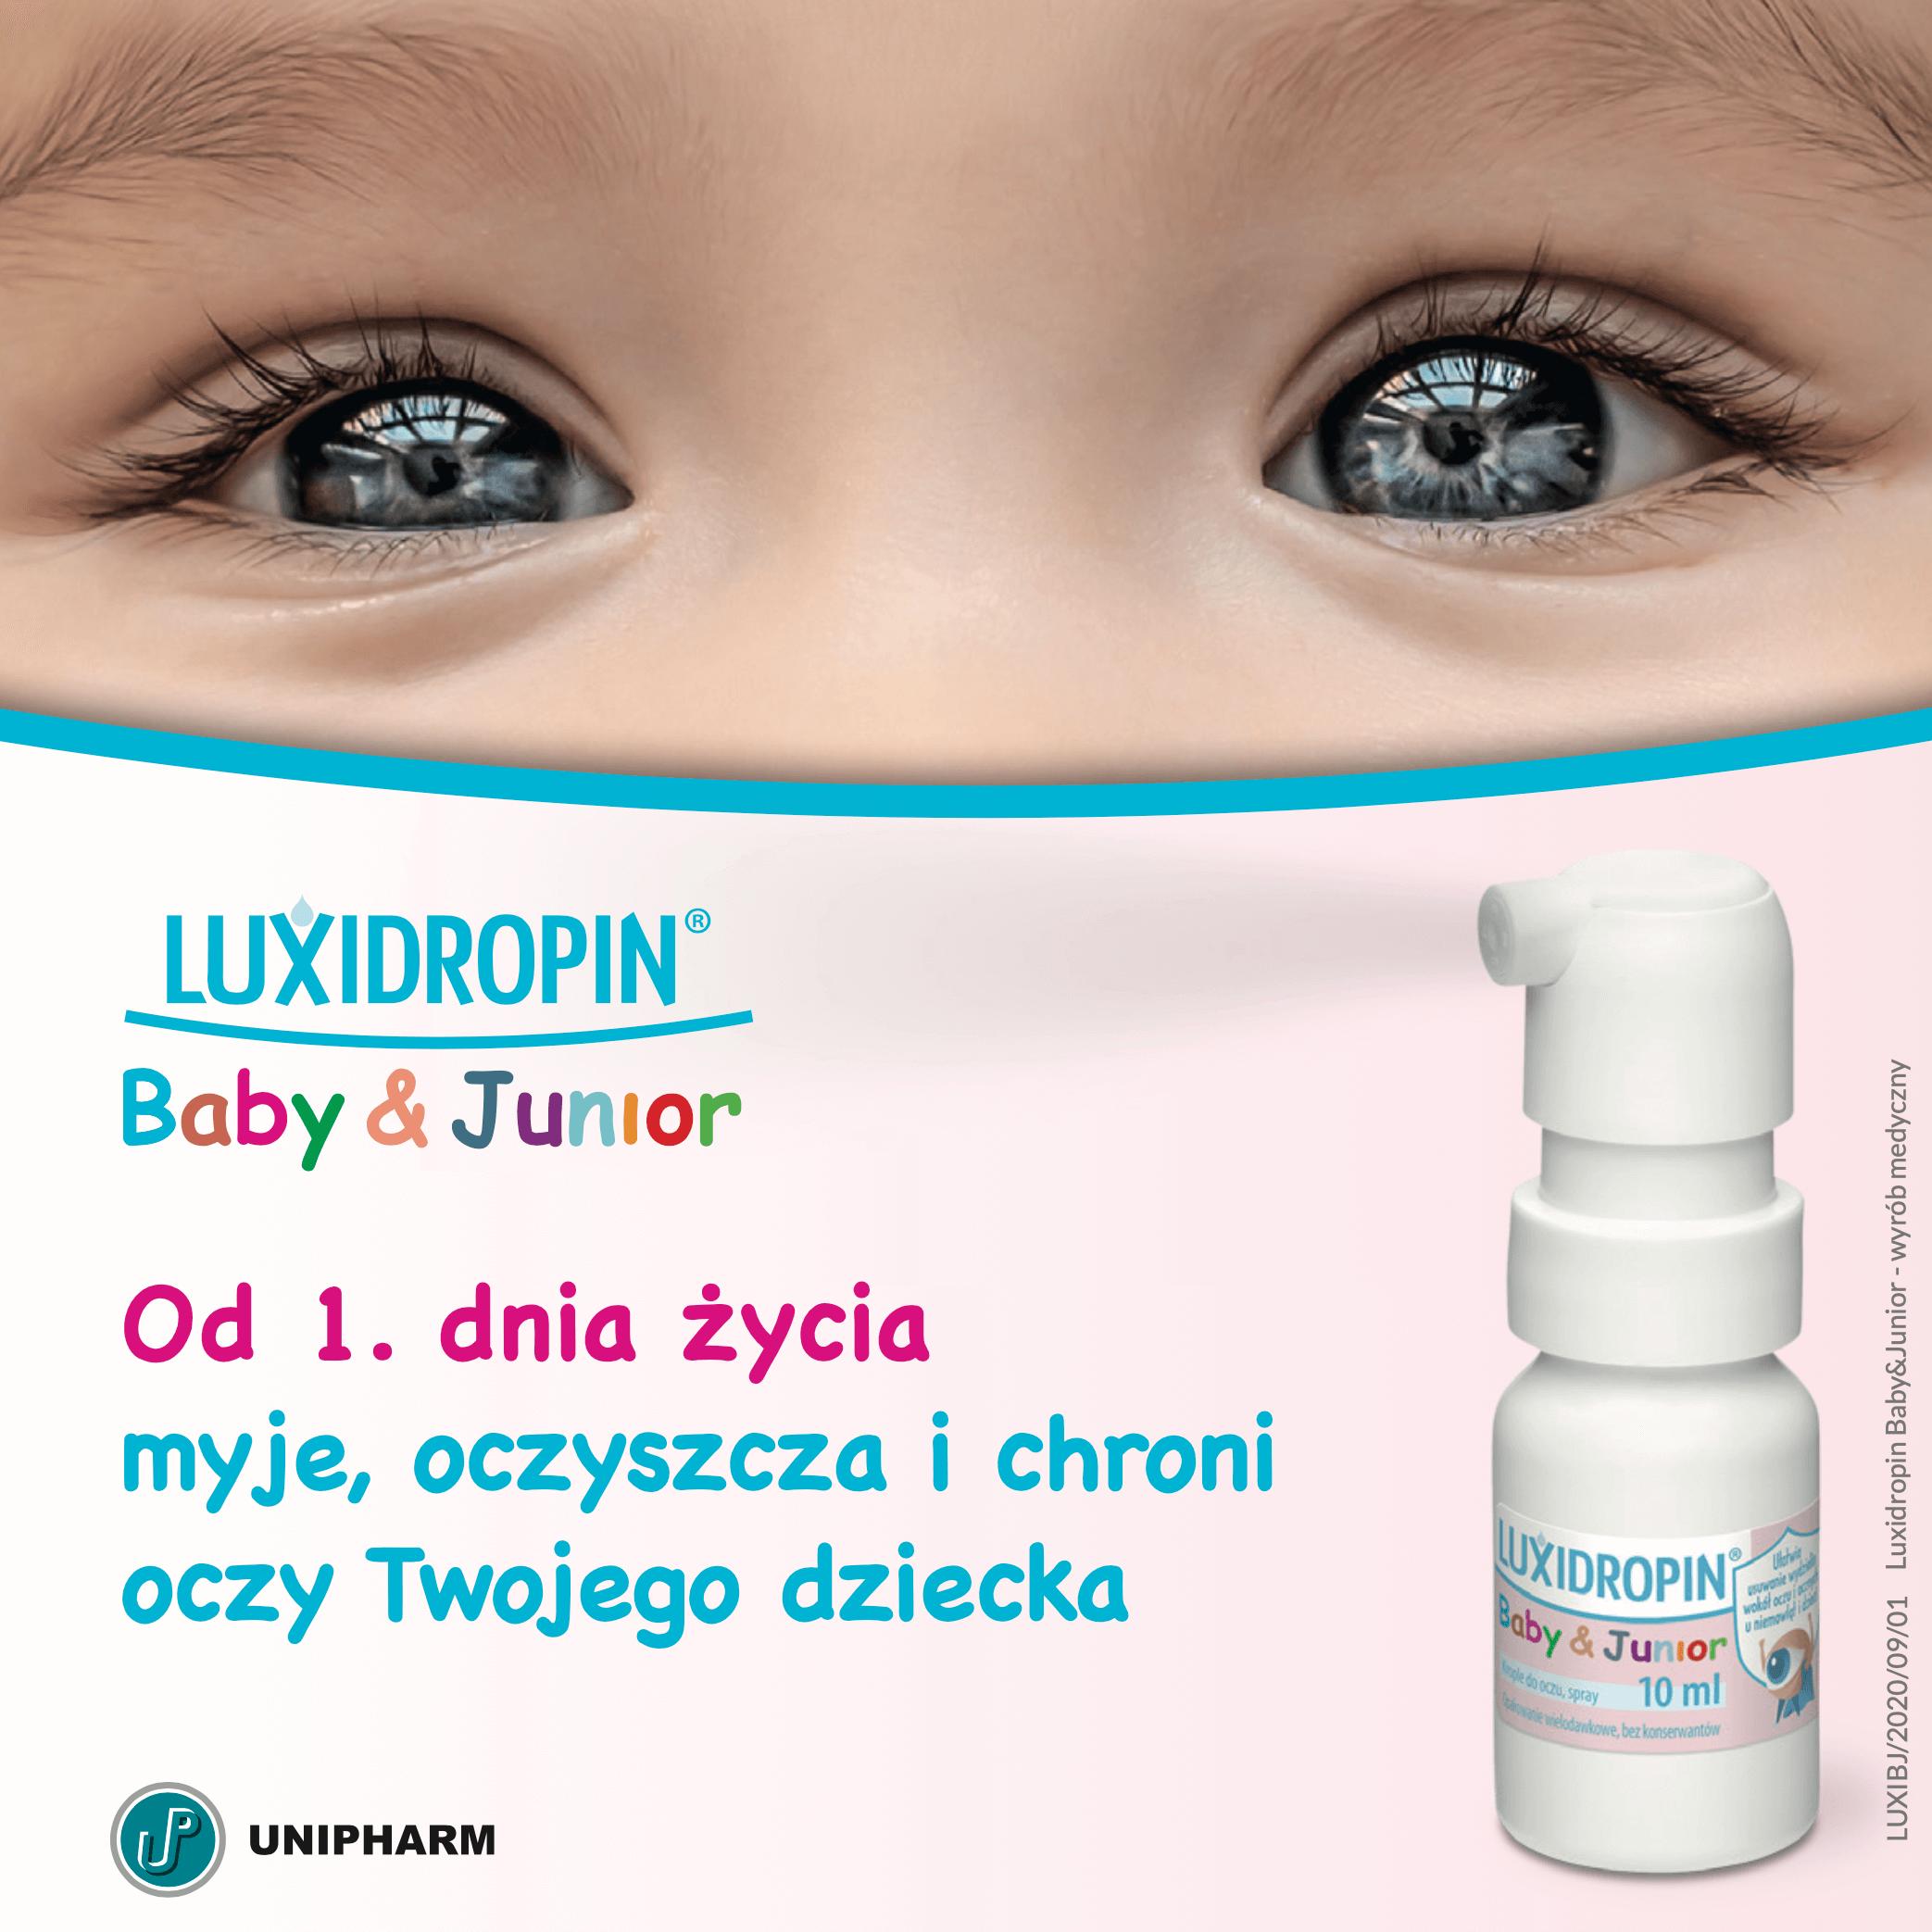 Luxidropin Baby Junior